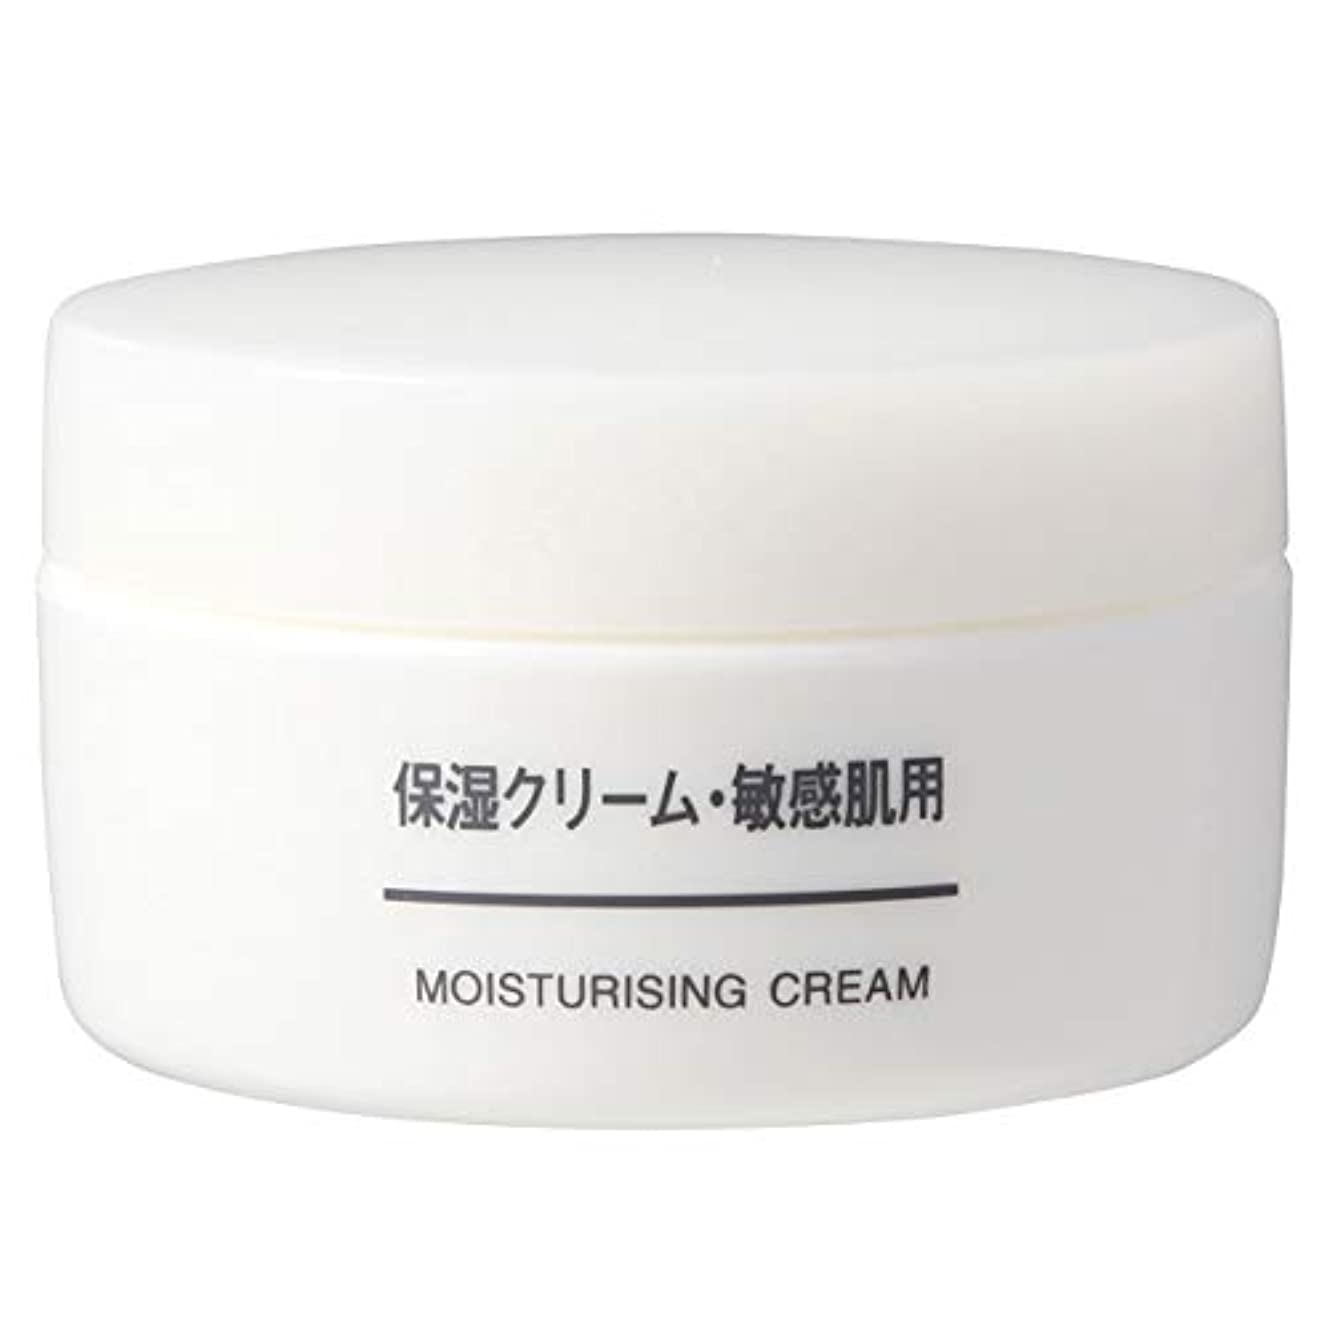 無印良品 保湿クリーム 敏感肌用 50g